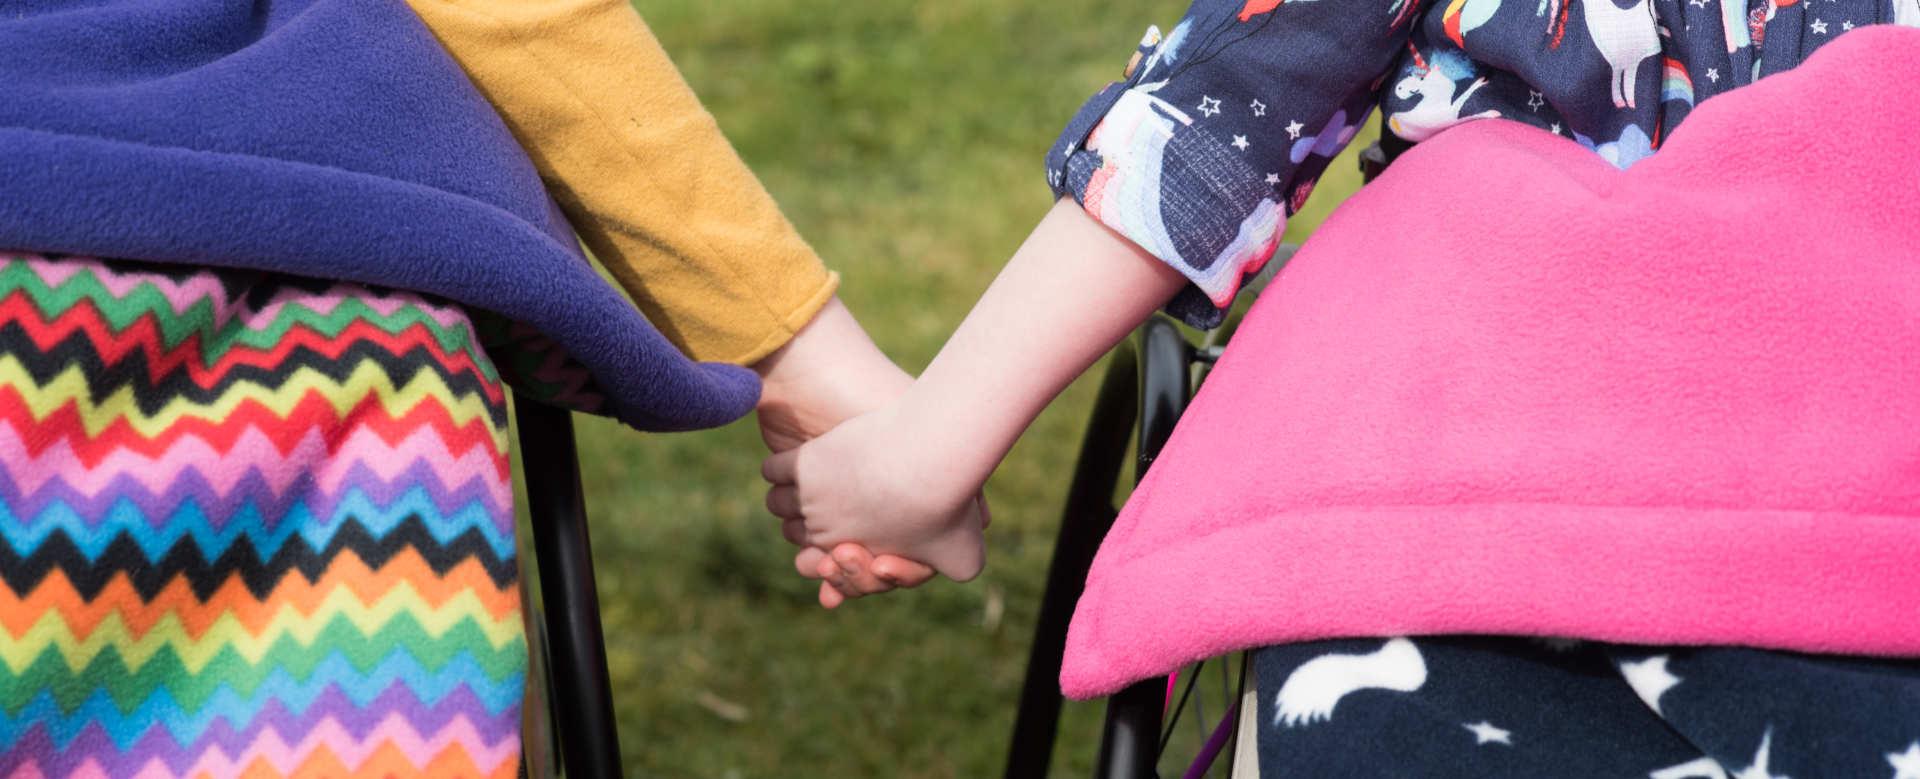 Holding Hands GaryB Wheelchair Accessories